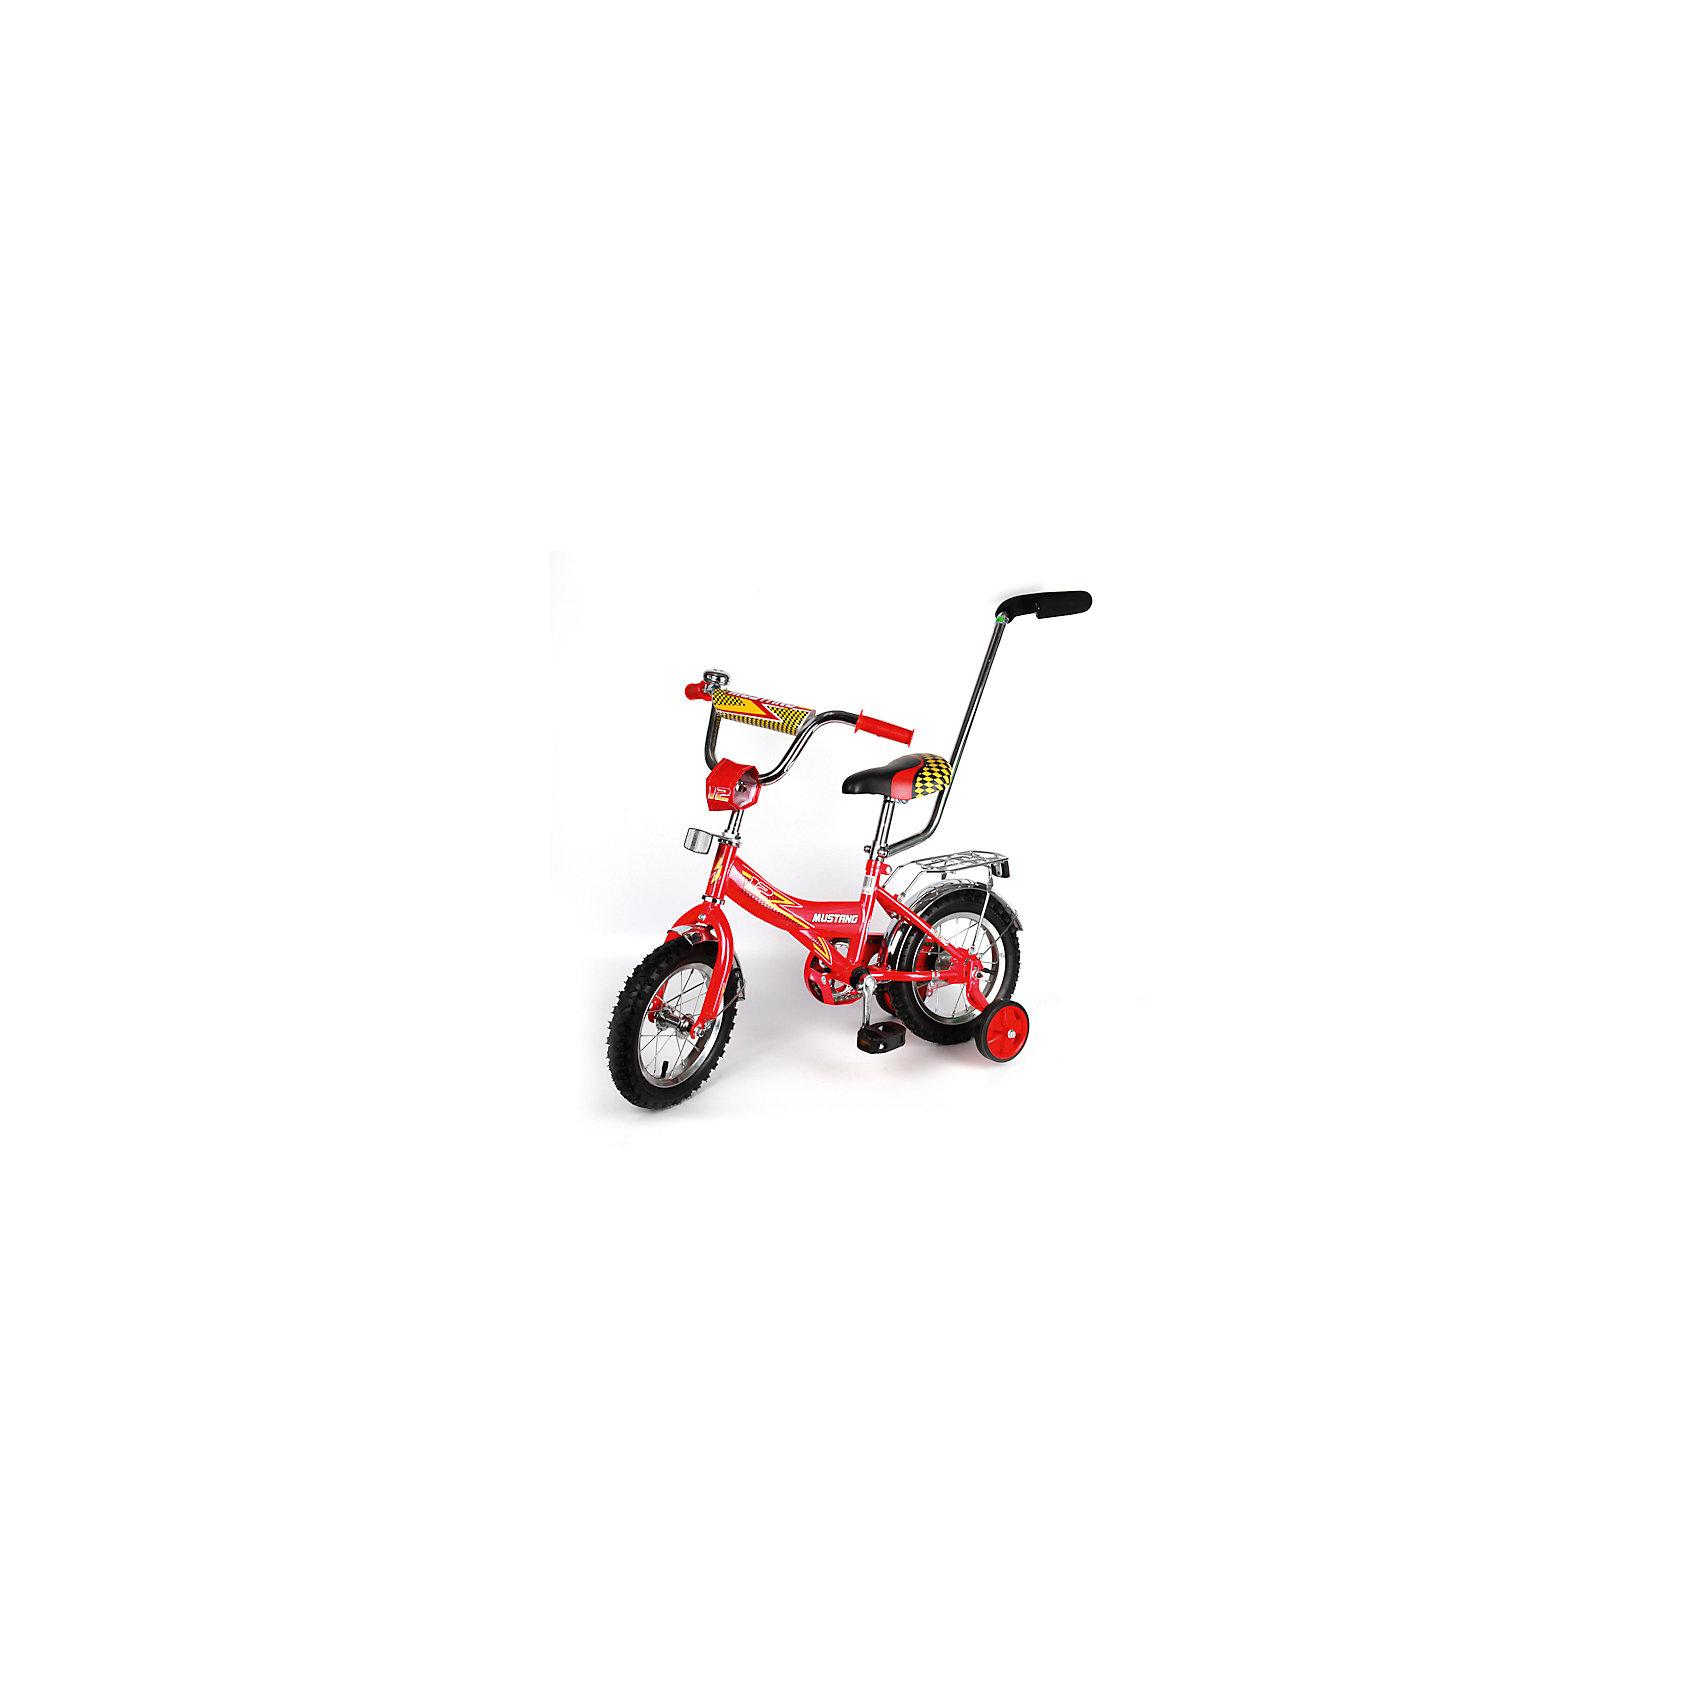 """Детский велосипед,  12"""",  красный, MustangВелосипеды детские<br>Характеристики товара:<br><br>• цвет: красный<br>• низкая Push-рама<br>• диаметр колес:30 см (12)<br>• 1 скорость<br>• задний ножной тормоз<br>• регулируемый хромированный руль BMX с защитной накладкой<br>• багажник с пружинным зажимом<br>• звонок<br>• приставные пластиковые колеса с усиленным кронштейном<br>• усиленные хромированные крылья<br>• ограничитель поворота руля<br>• ручка-толкатель<br>• полная защита цепи """"Р"""" типа<br>• вес: 10,4 кг<br>• размер в собранном виде: 85х50х90 см<br>• допустимый вес: до 25 кг<br>• рекомендуемый возраст: от 12 мес<br>• страна производства: Китай<br><br>Велосипед детский «Mustang» 12"""" можно купить в нашем магазине.<br><br>Ширина мм: 850<br>Глубина мм: 500<br>Высота мм: 900<br>Вес г: 10400<br>Возраст от месяцев: 12<br>Возраст до месяцев: 60<br>Пол: Женский<br>Возраст: Детский<br>SKU: 5526379"""